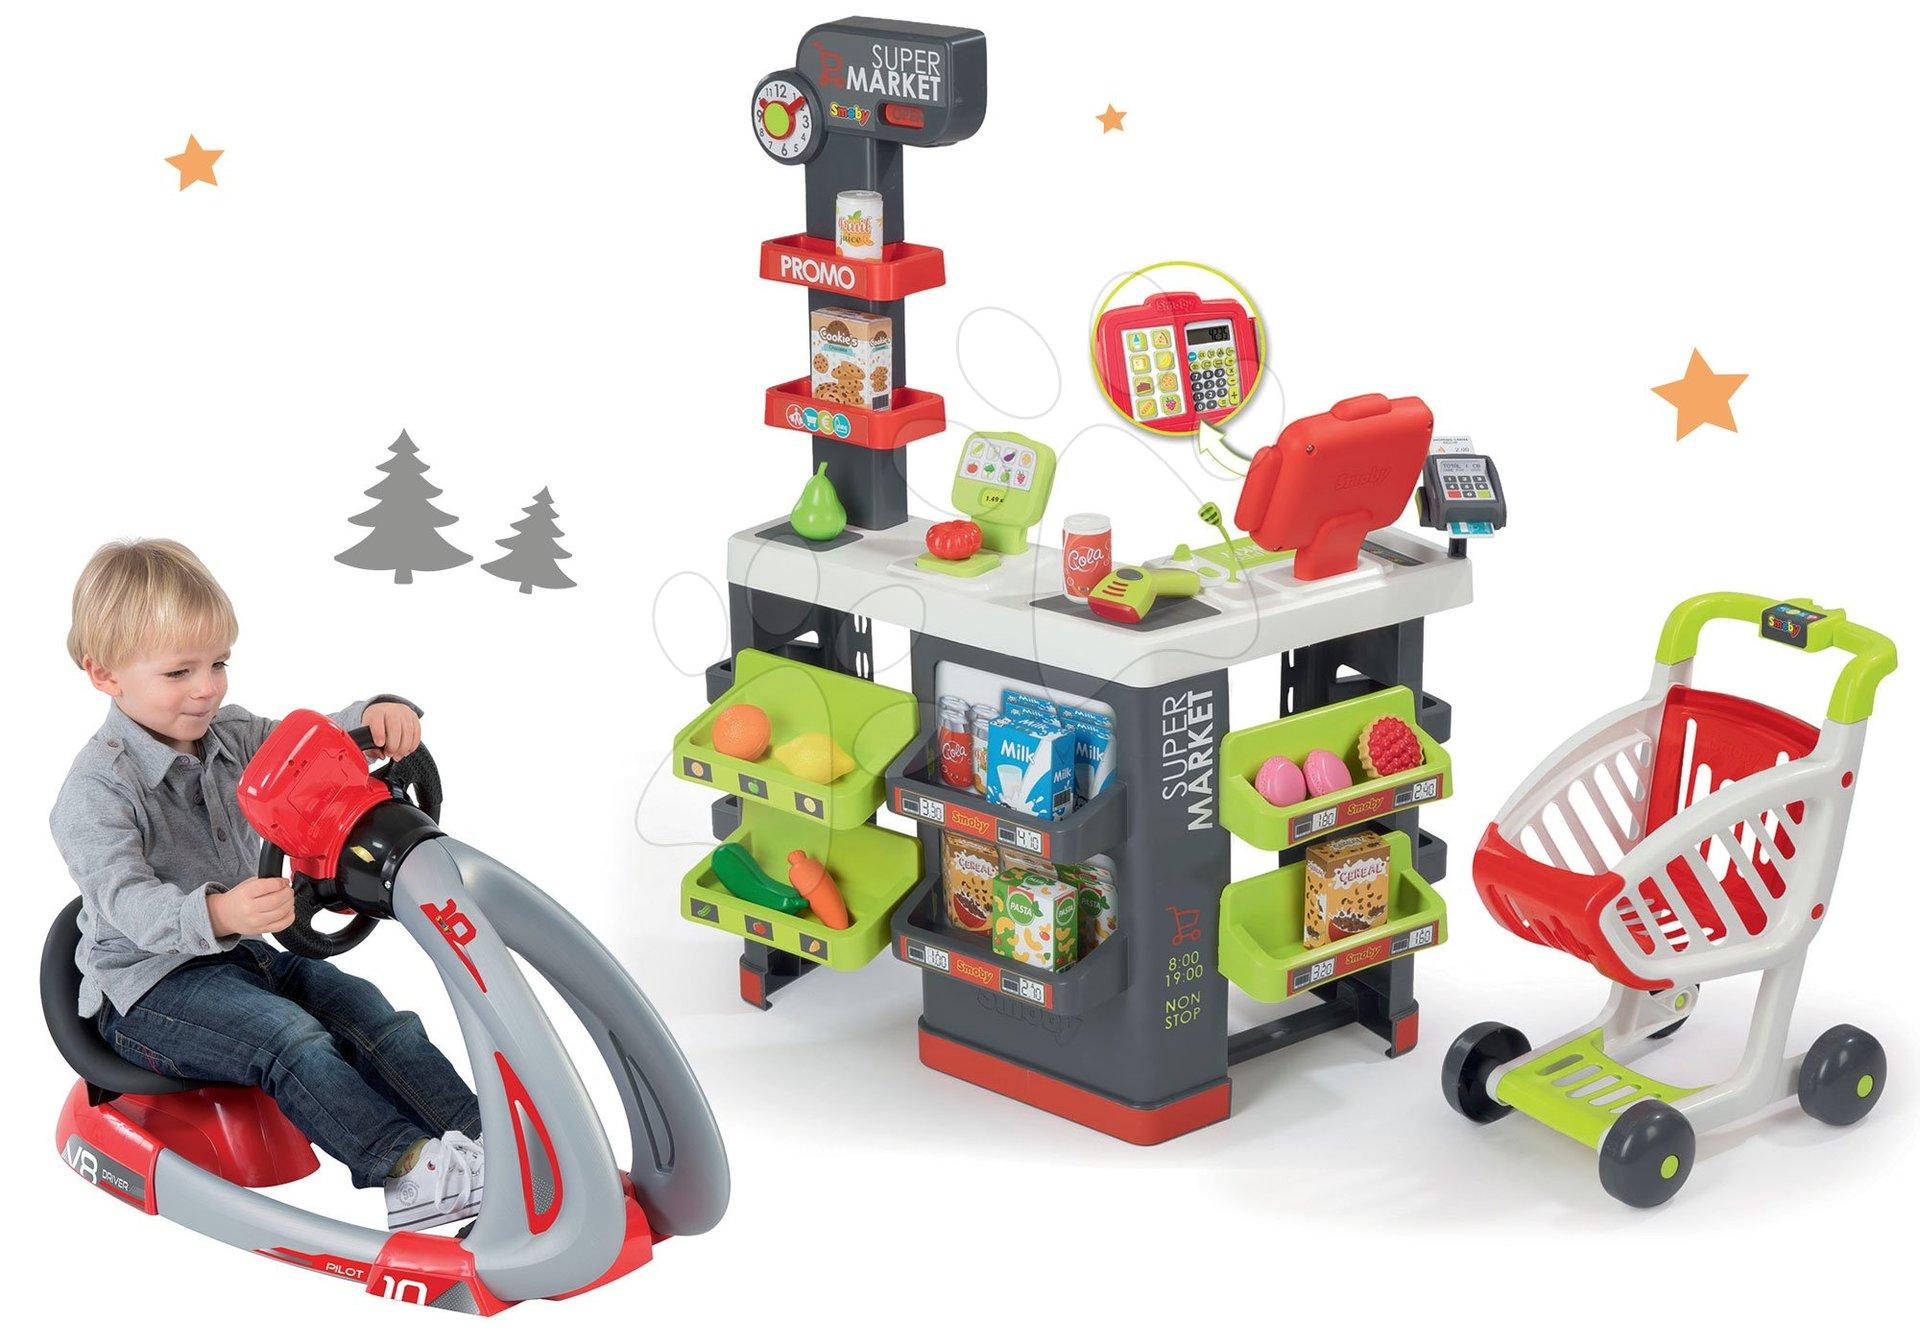 Smoby set obchod s vozíkom Supermarket a trenažér V8 Driver elektronický 350213-15